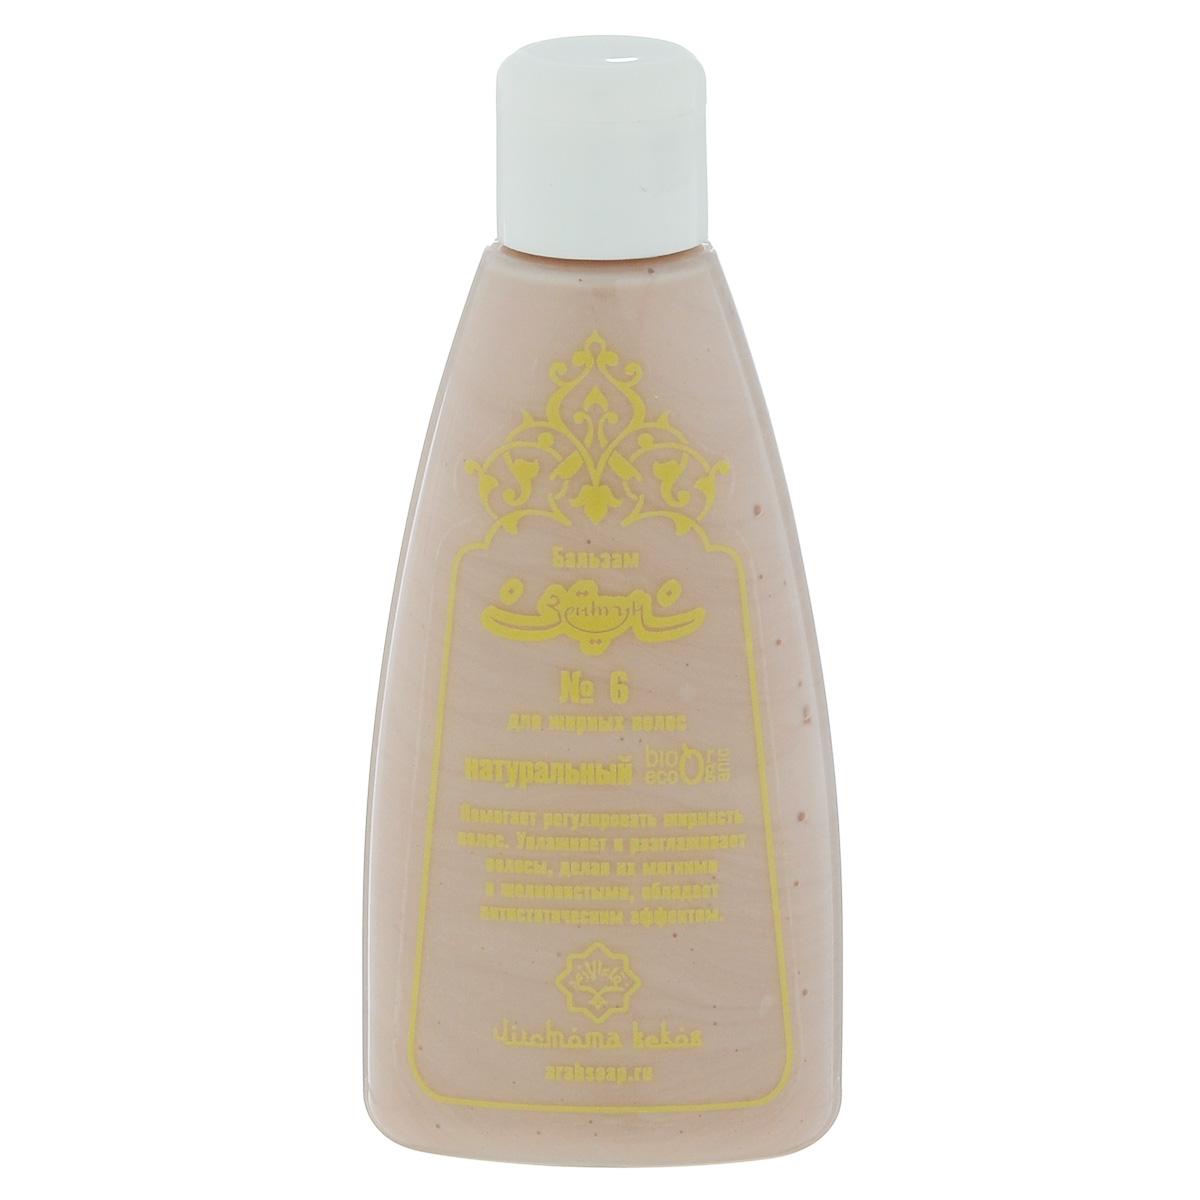 Зейтун Бальзам для волос №6, 150 млZ0506Увлажняет и разглаживает волосы, делая их мягкими и шелковистыми, обладает антистатическим эффектом.